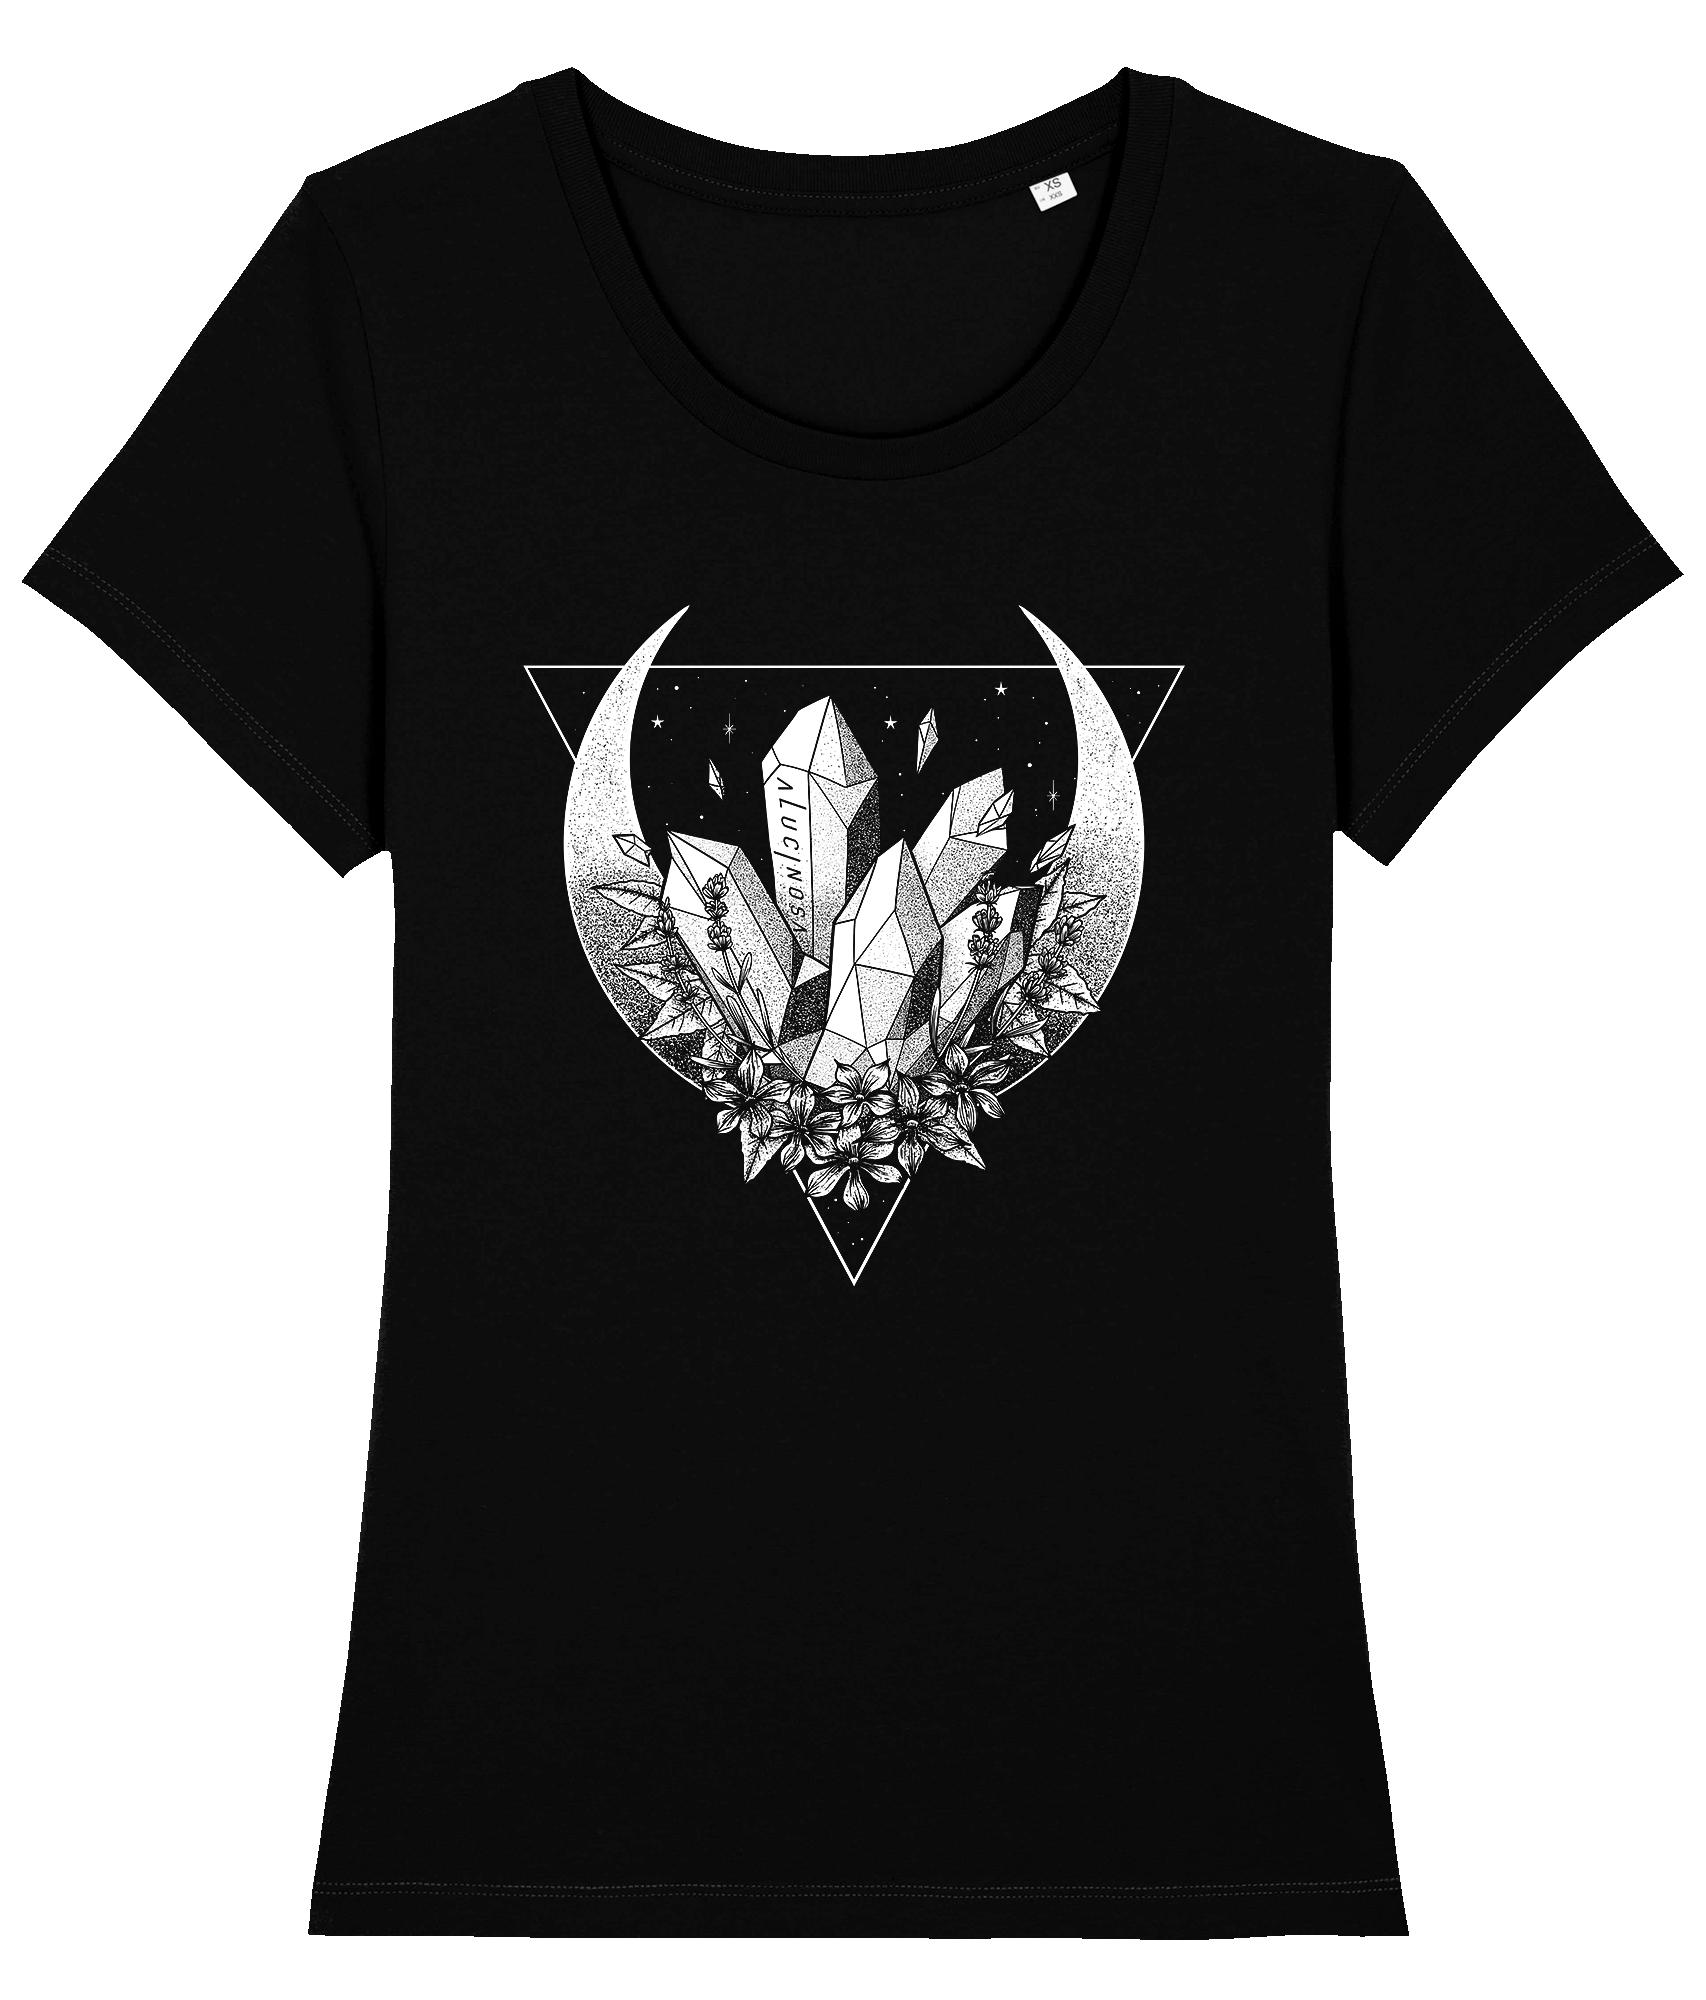 T-shirt femme Cristal